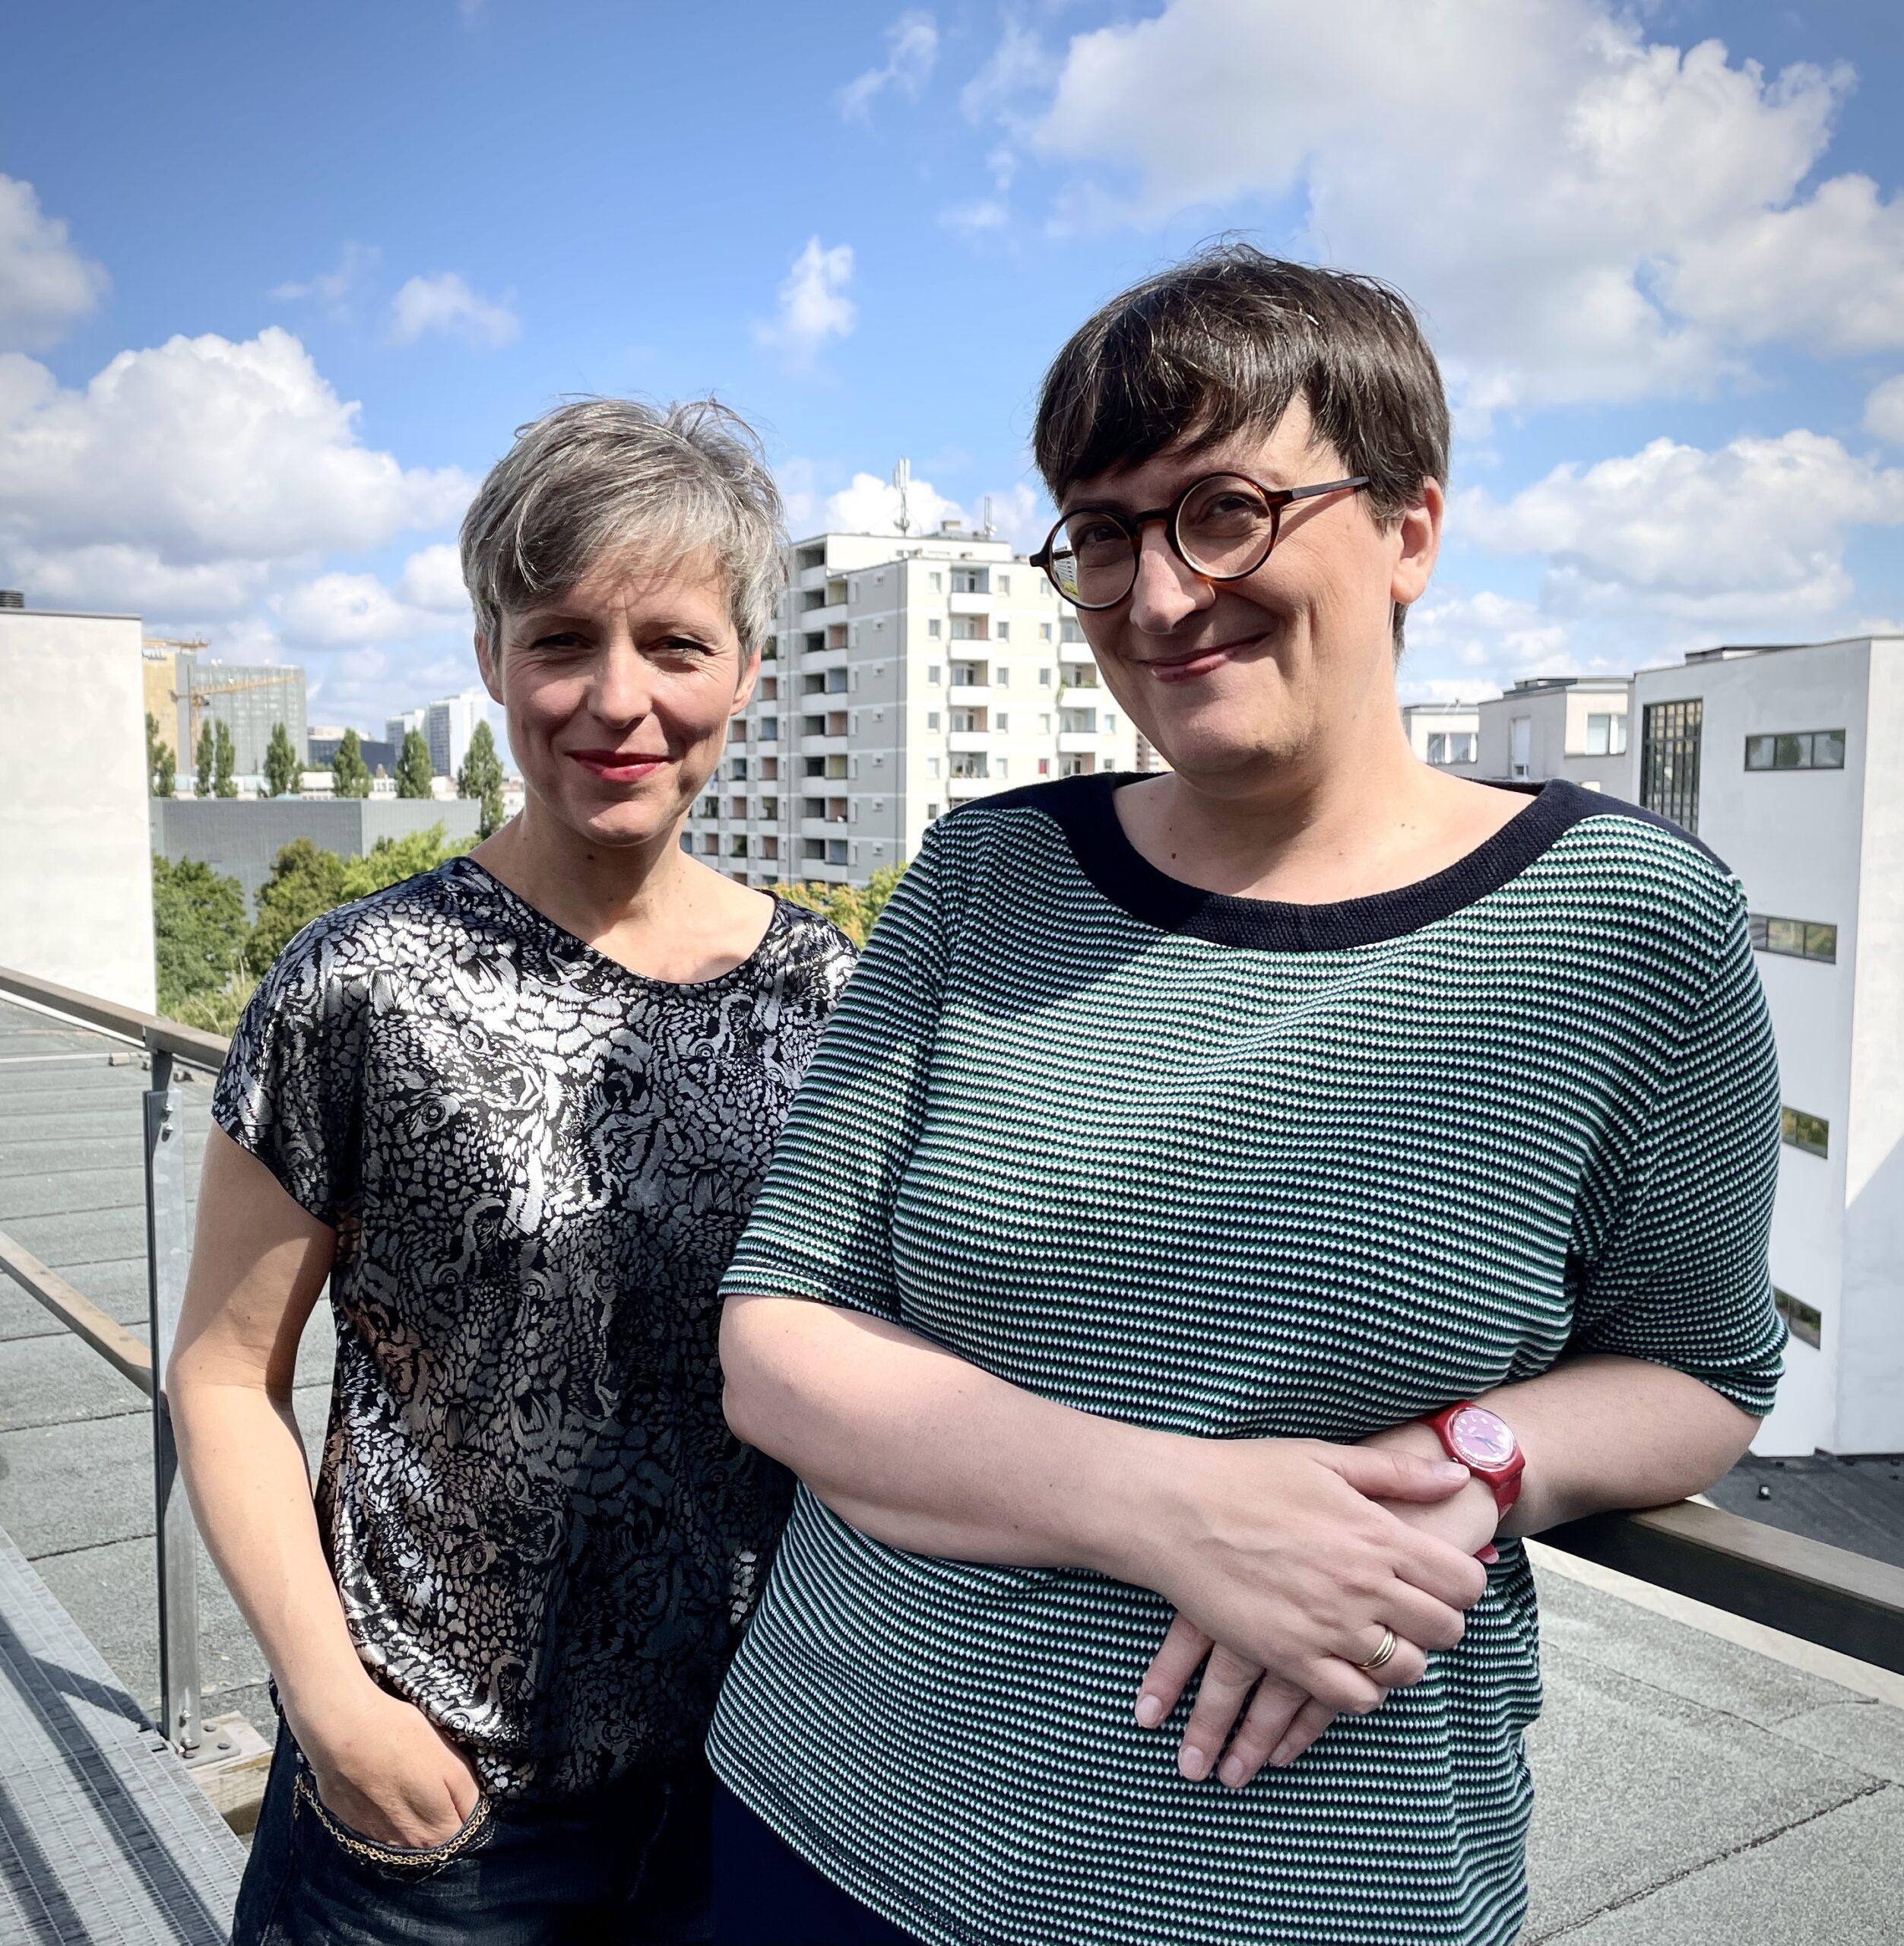 L'Hôtel des Autrices nominé pour le Blauer-Bär 2021 / Hotel des Autrices nominiert für den Blauer-Bär-Preis 2021